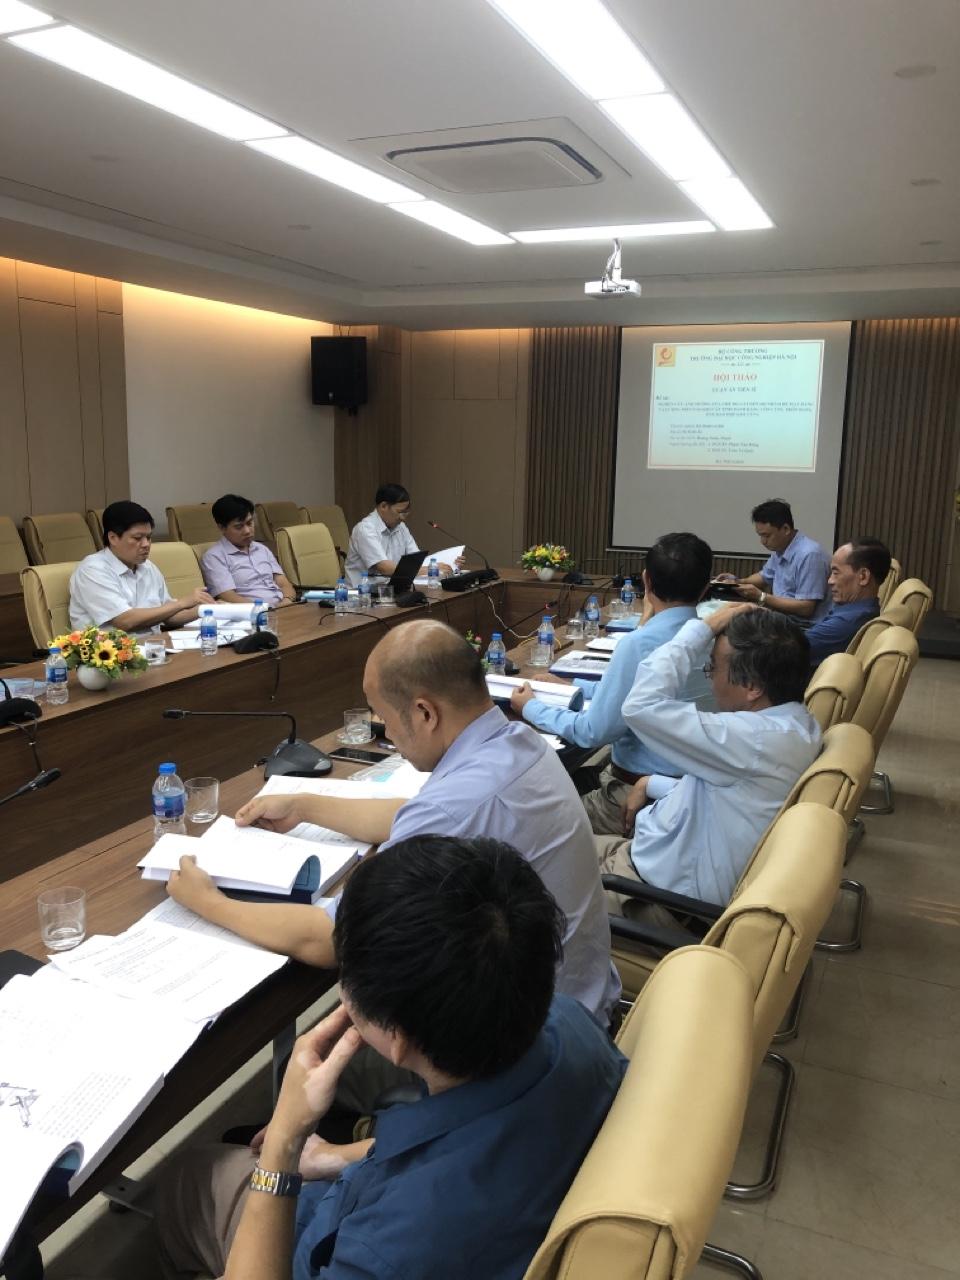 Tổ chức Hội thảo luận án tiến sĩ cho NCS Hoàng Xuân Thịnh, chuyên ngành Kỹ thuật cơ khí